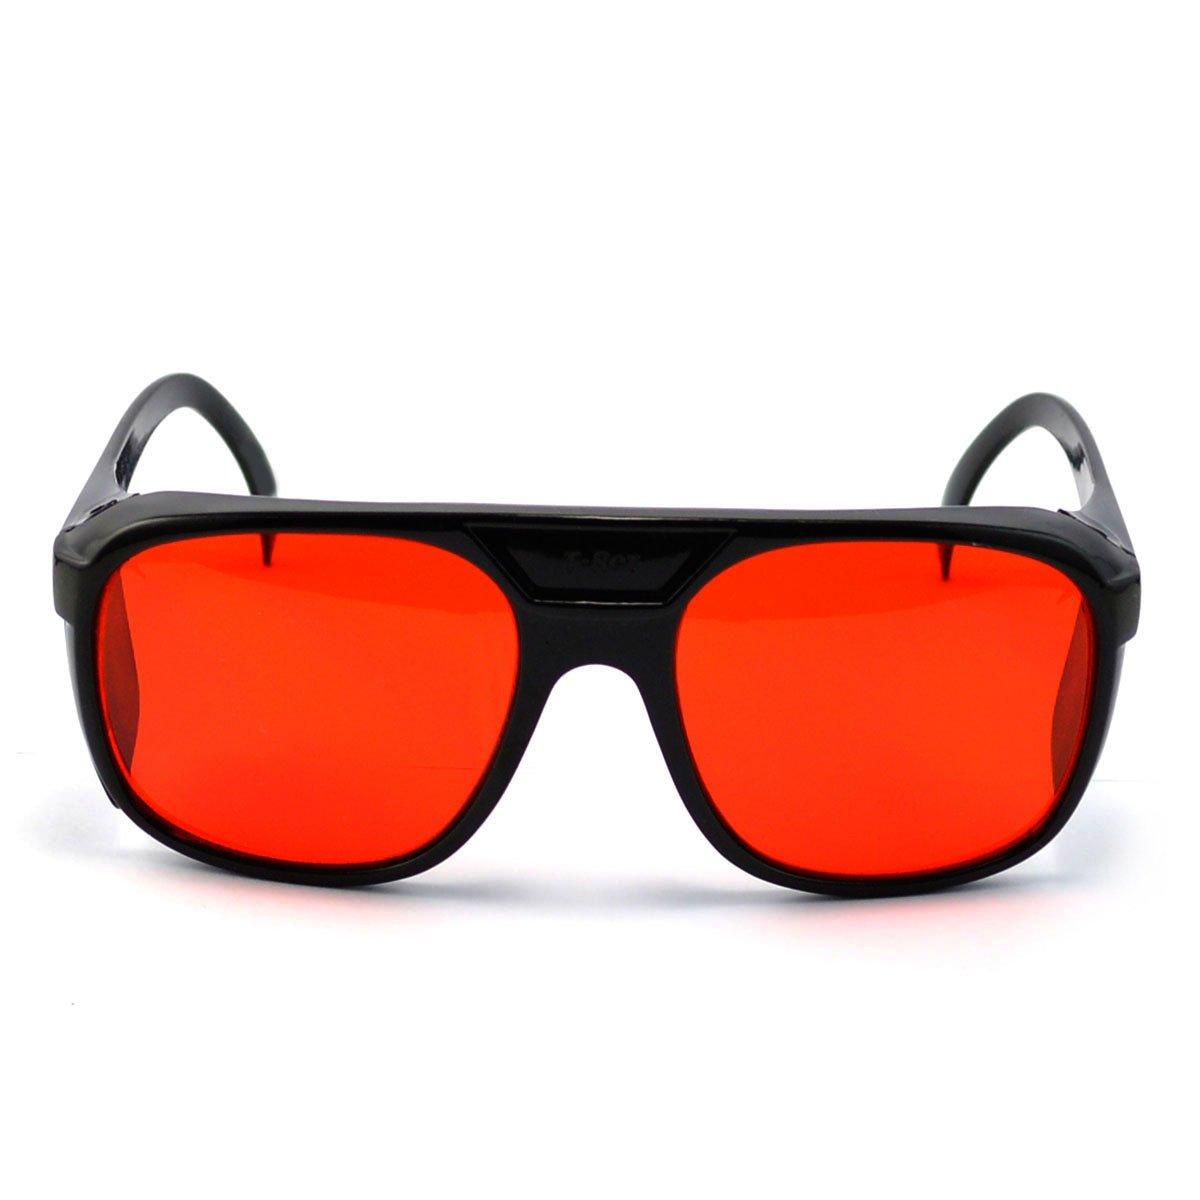 Dreamworldeu Color Blind Glasses for Red Green Corrective//Gl/äser Brille f/ür Rot Gr/ün Sehschw/äche Farbenblindheit Korrektur Brille f/ür Farbeblinde//Rot-Gr/ün-Schw/äche Colorblindness Corrective Glasses